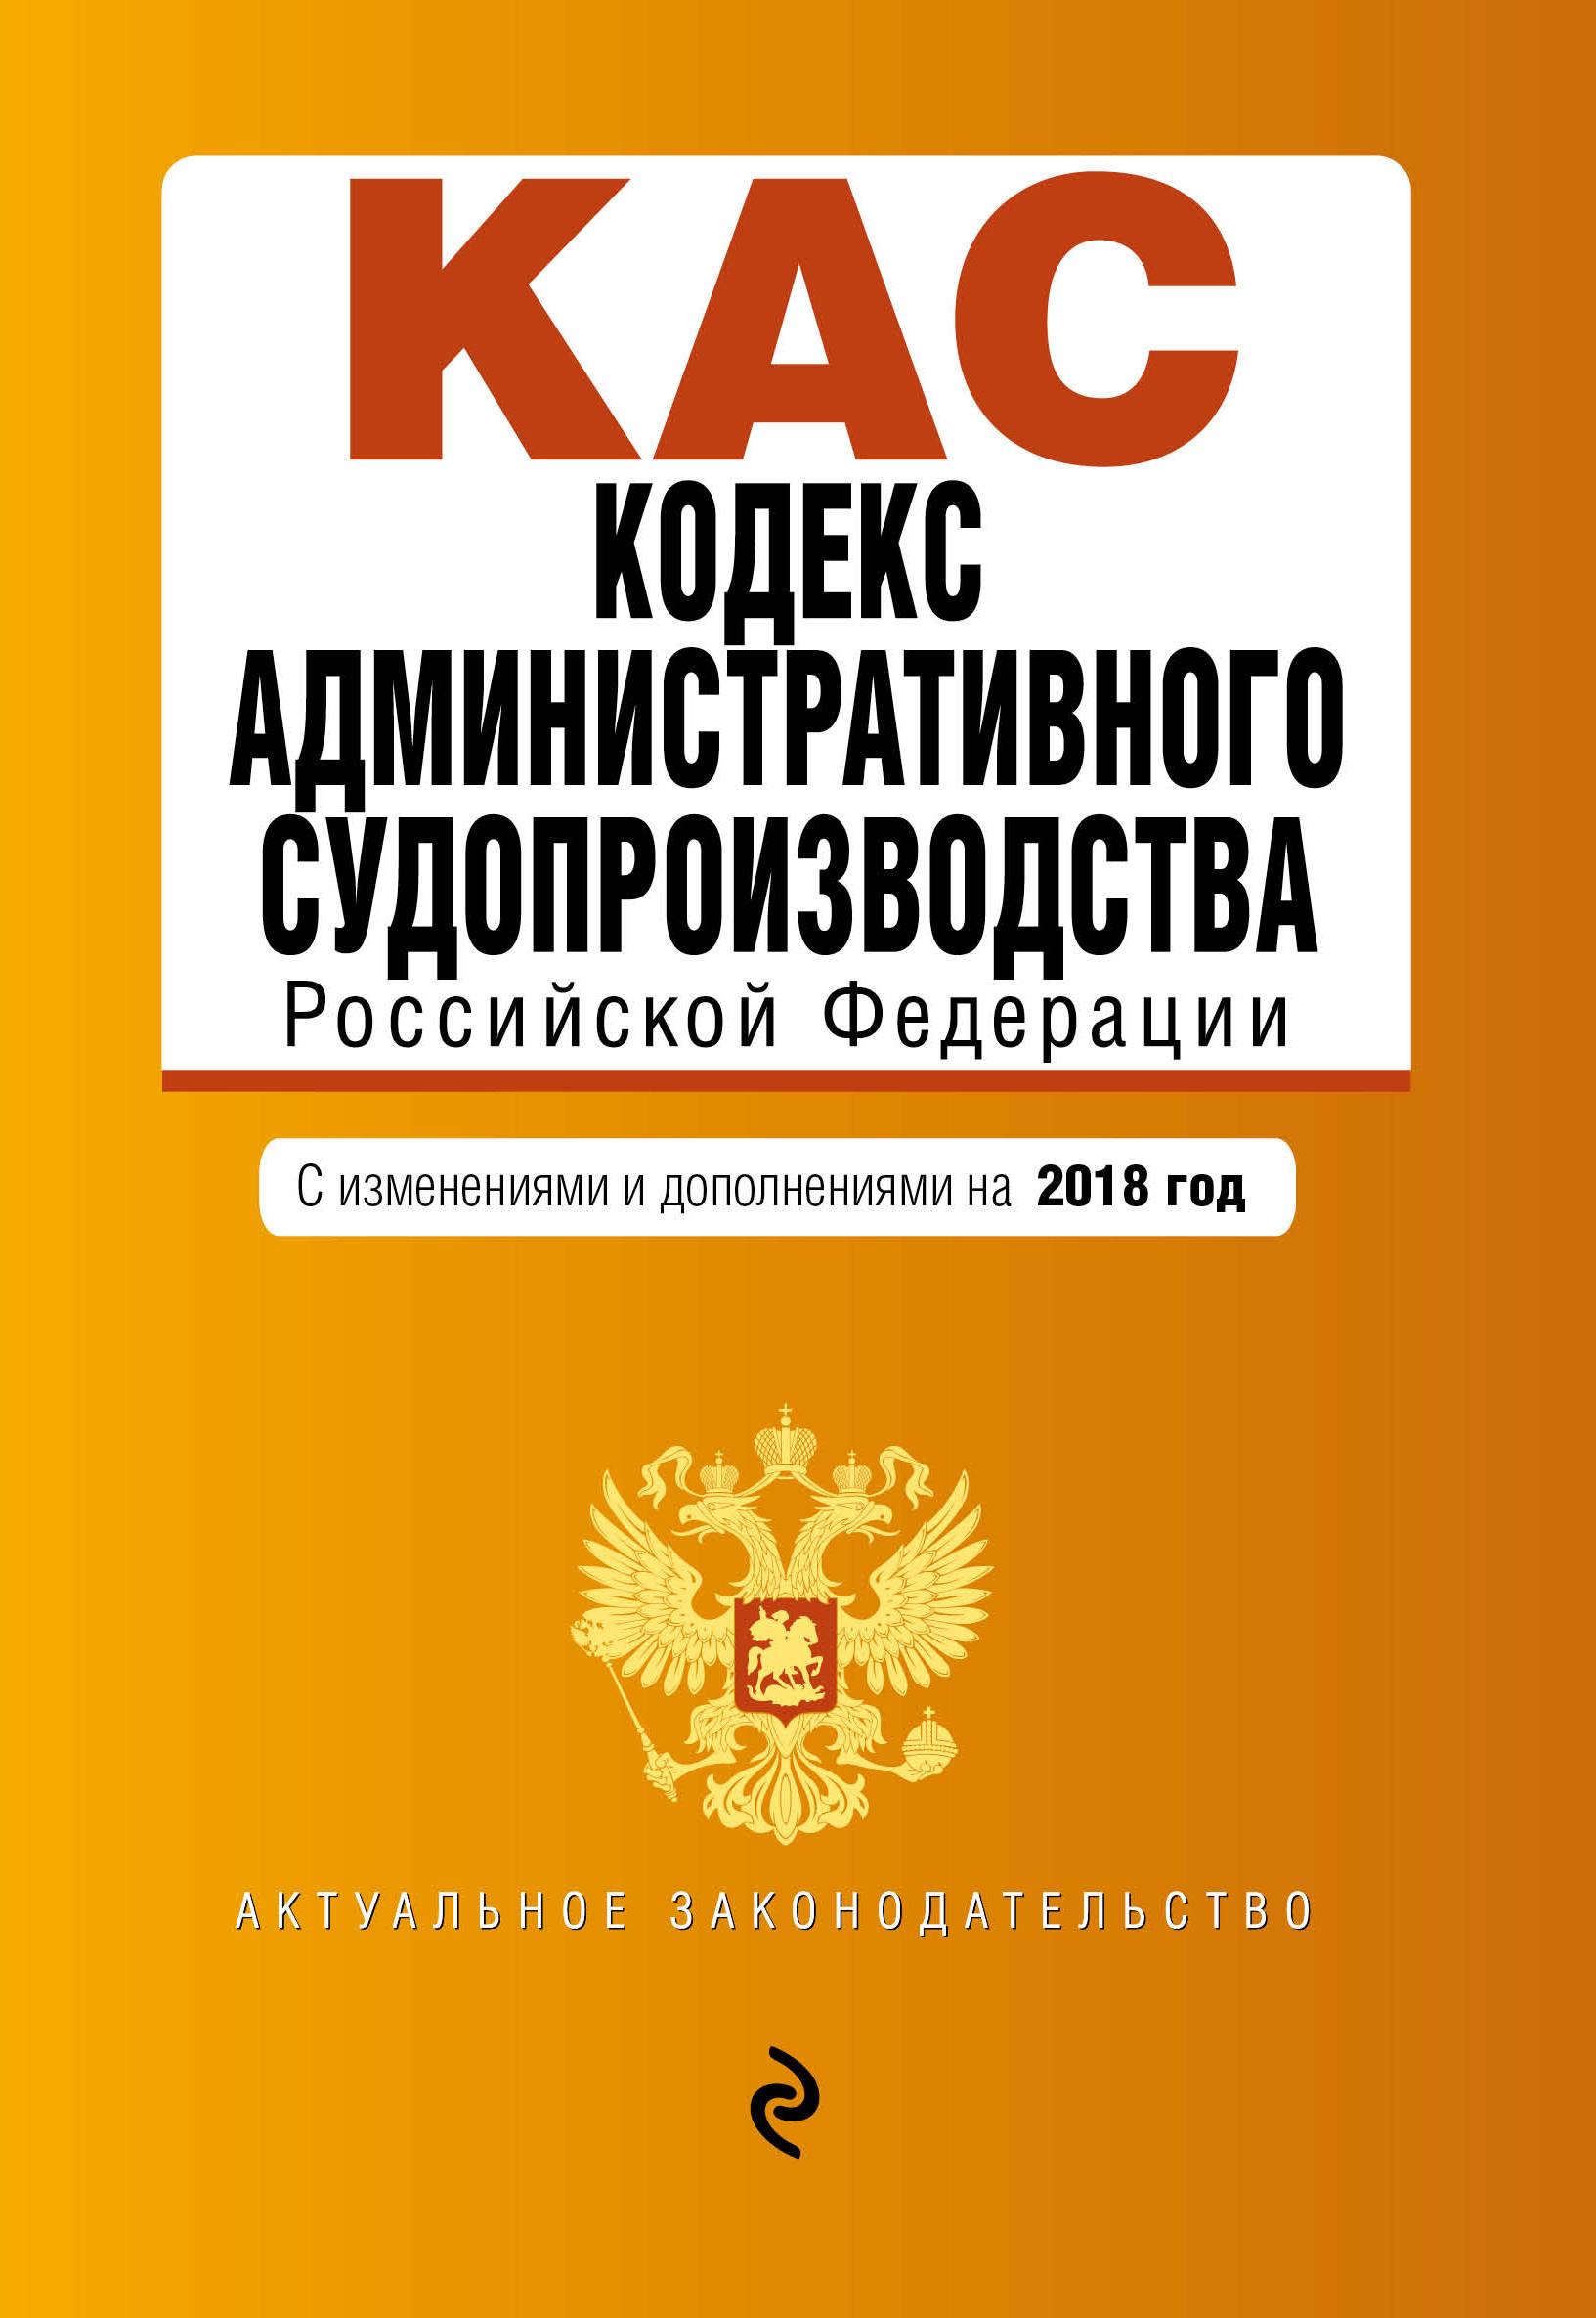 Кодекс административного судопроизводства Российской Федерации мубаракшин р отв ред кодекс административного судопроизводства рф текст с изменениями и дополнениями на 2018 год